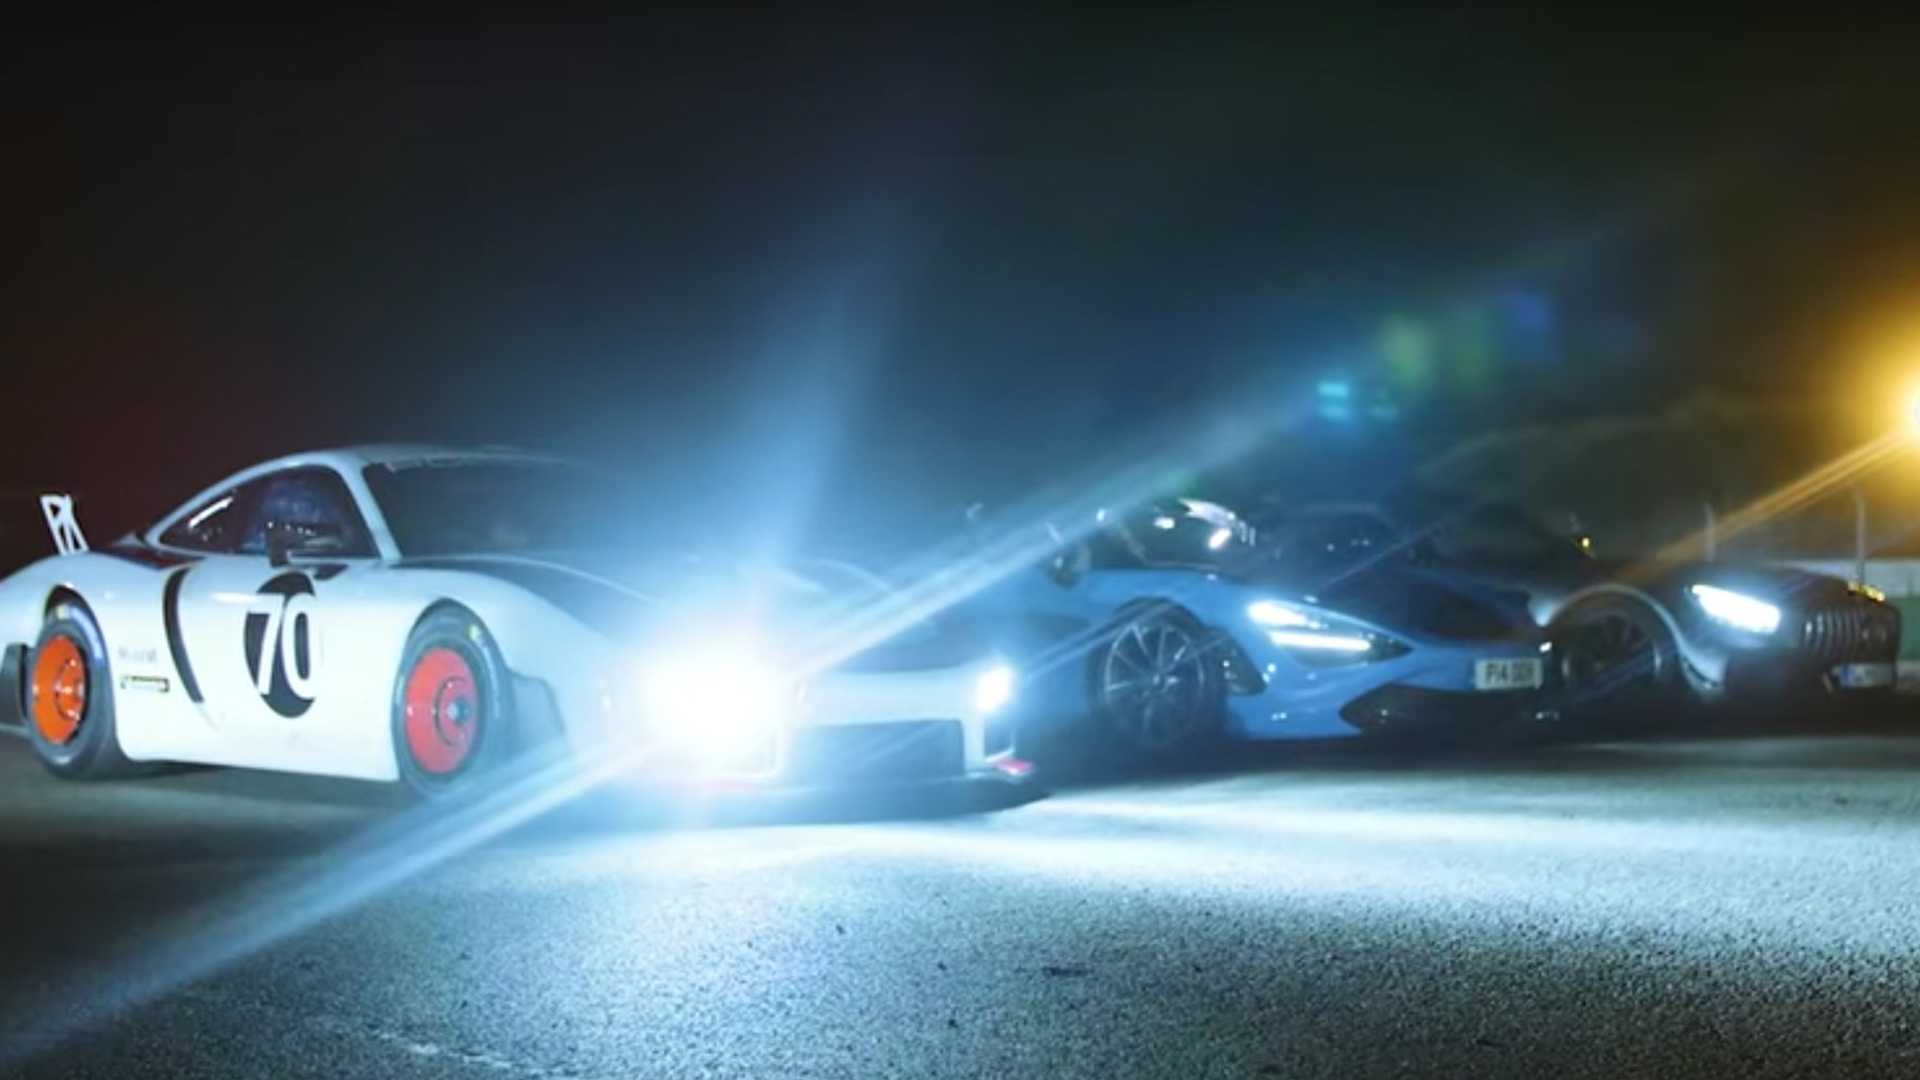 Porsche 935, AMG GT R Pro, 720S Spider drag race